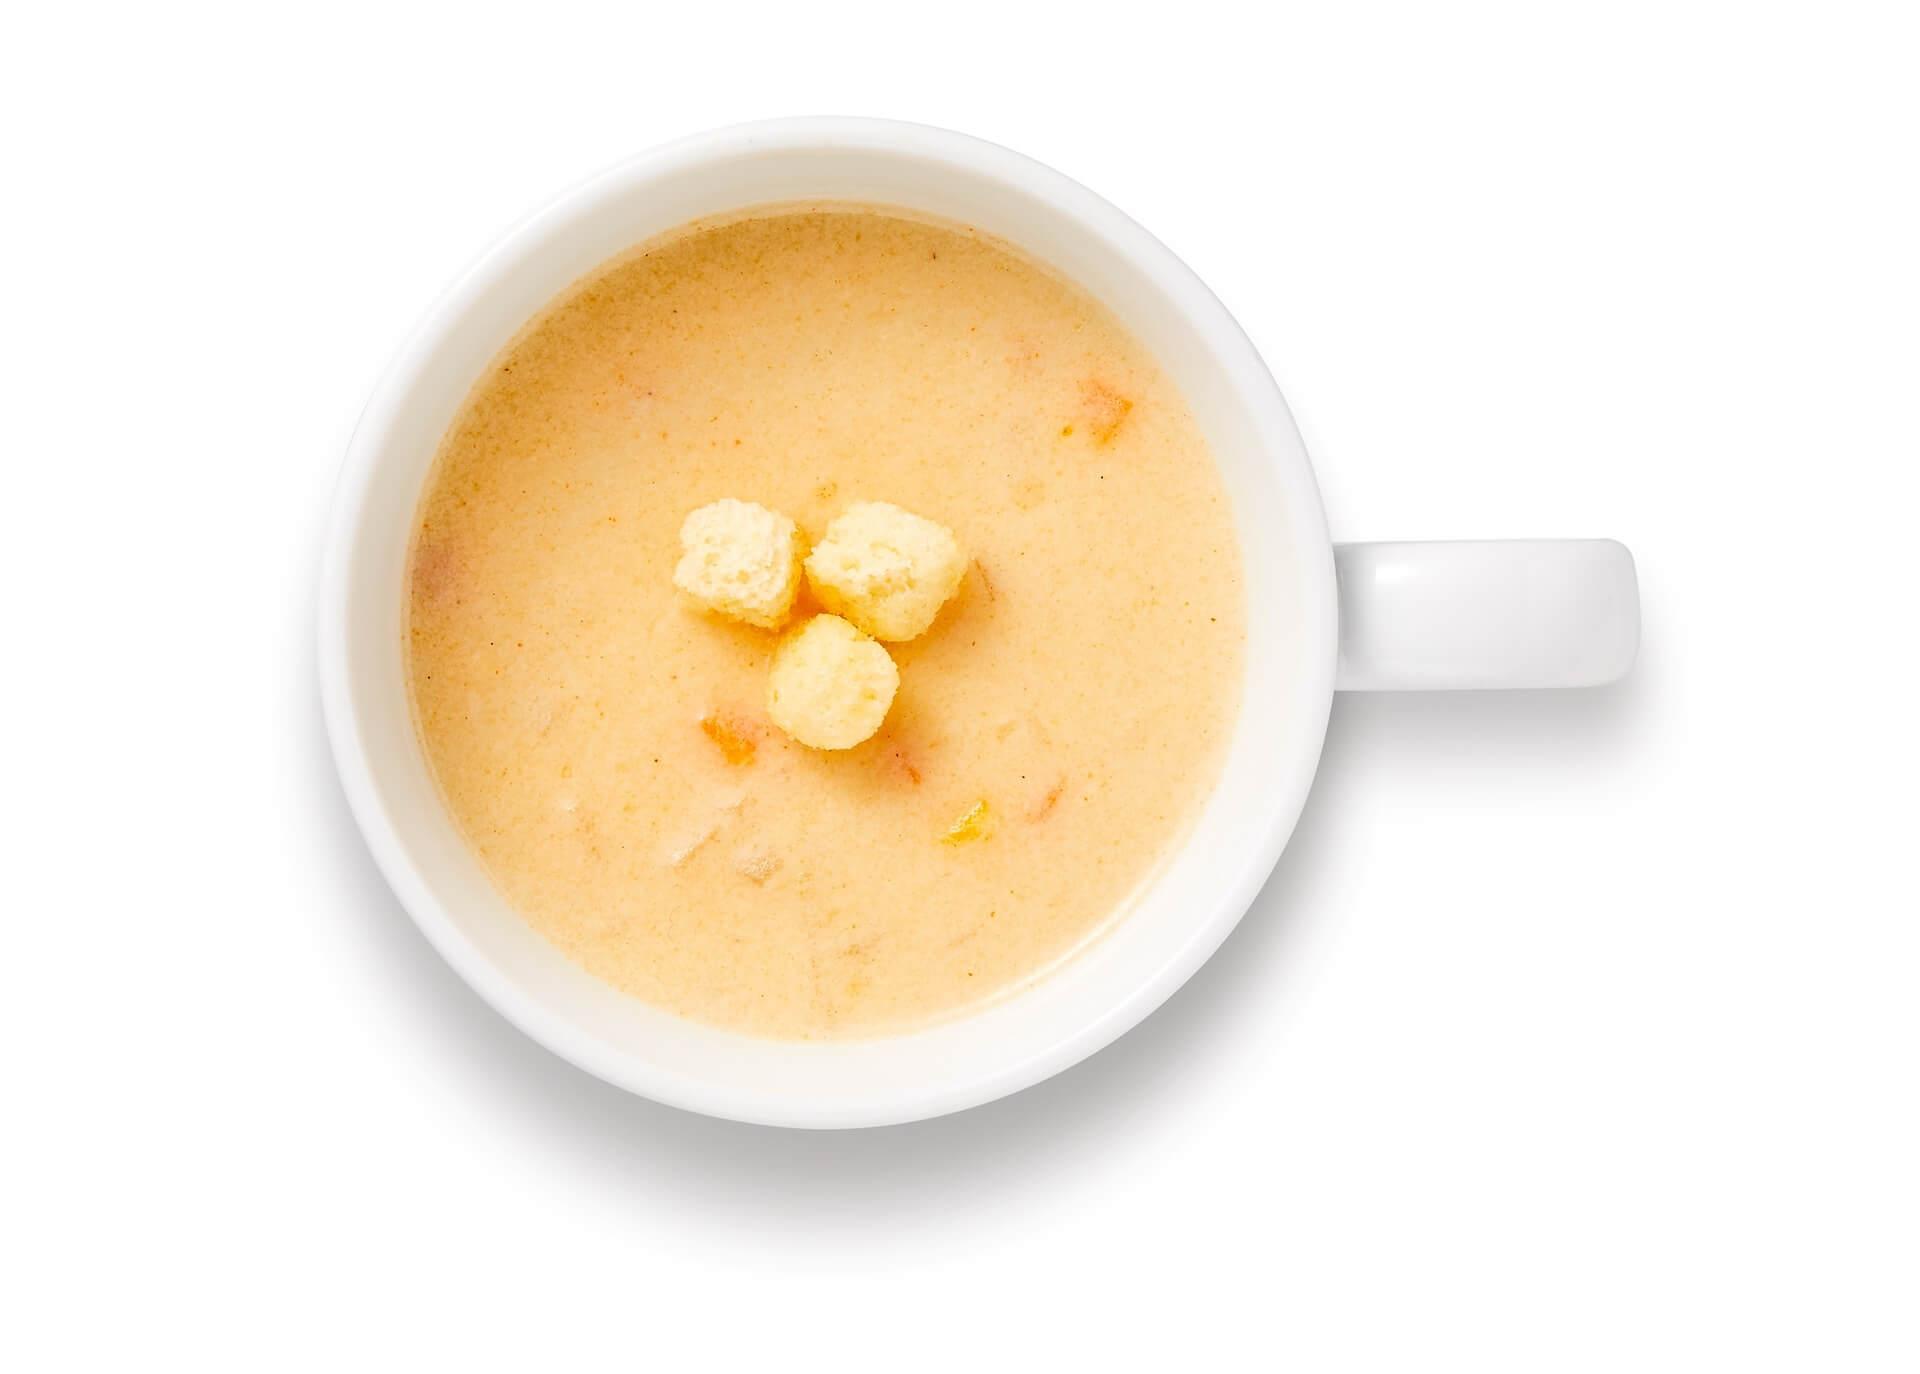 【超朗報】IKEAで<チーズ フェア>が開催!チーズにまみれのホットドッグ、ナチョス、カルボナーラ、スープ、ケーキを味わおう food191112-ikea-cheeze-1